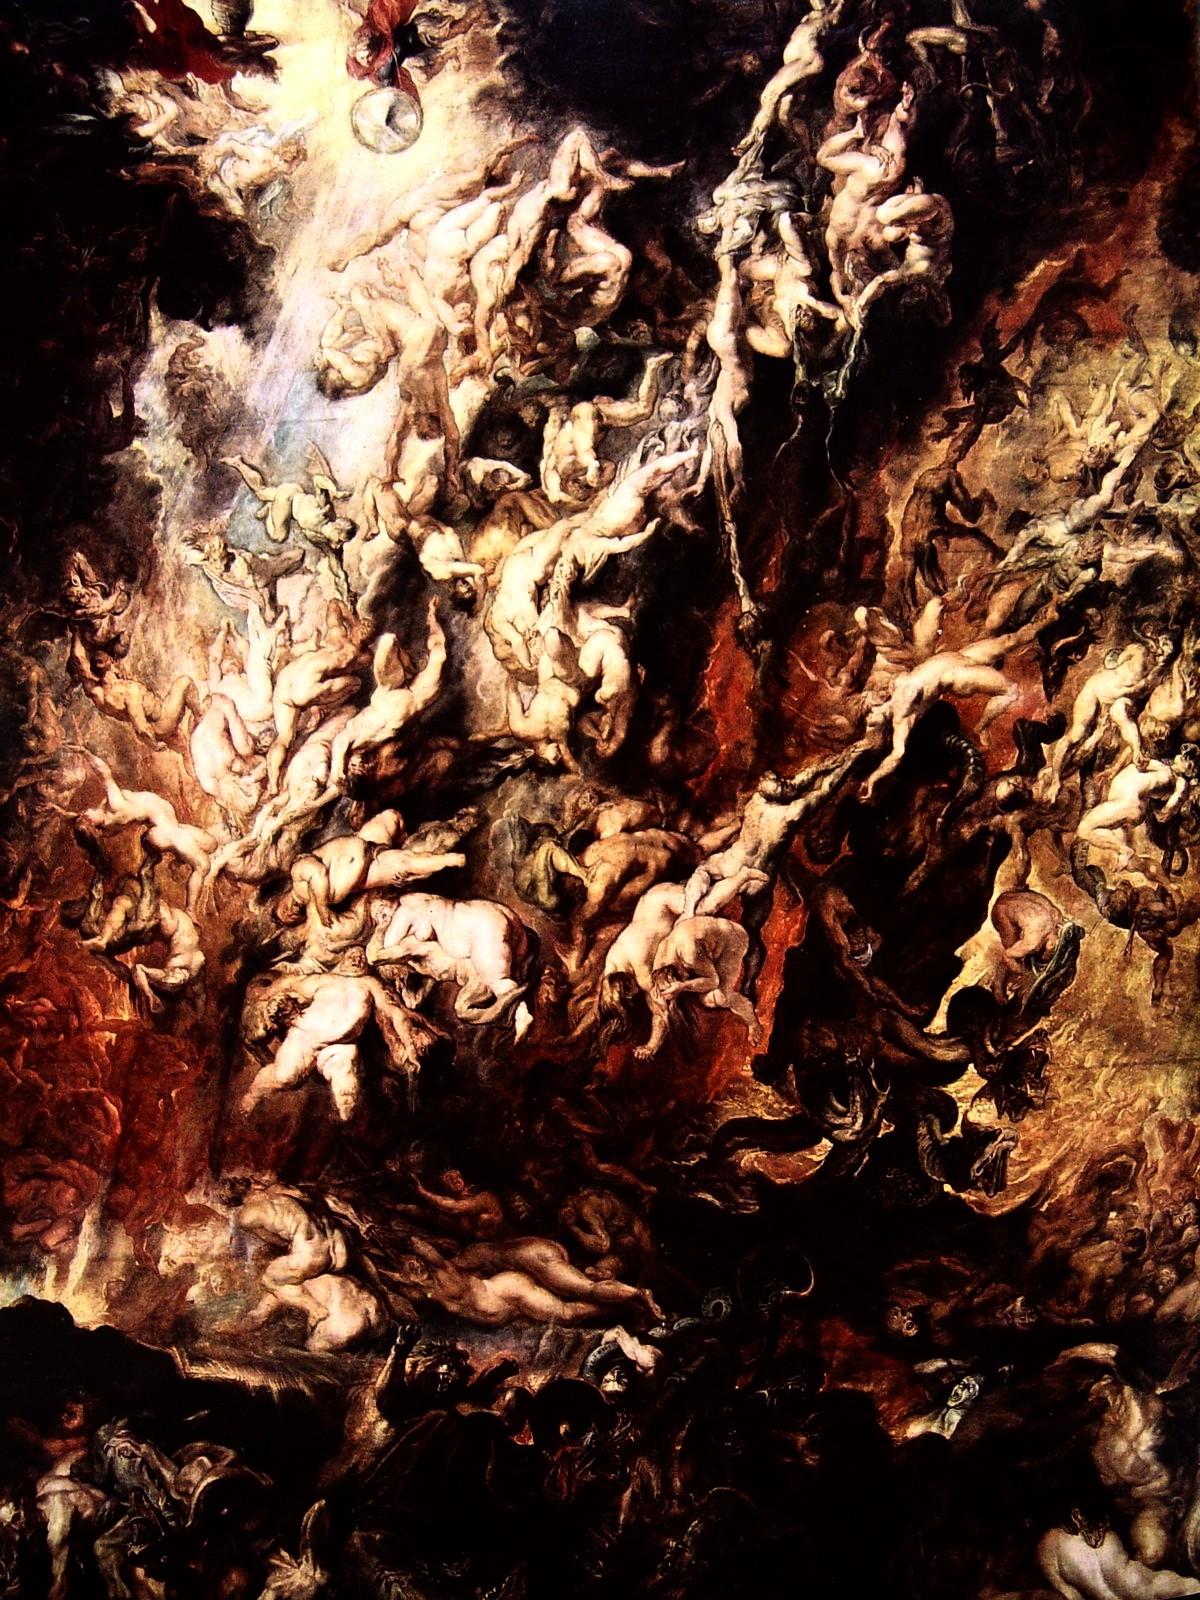 La caída de los condenados, de Rubens